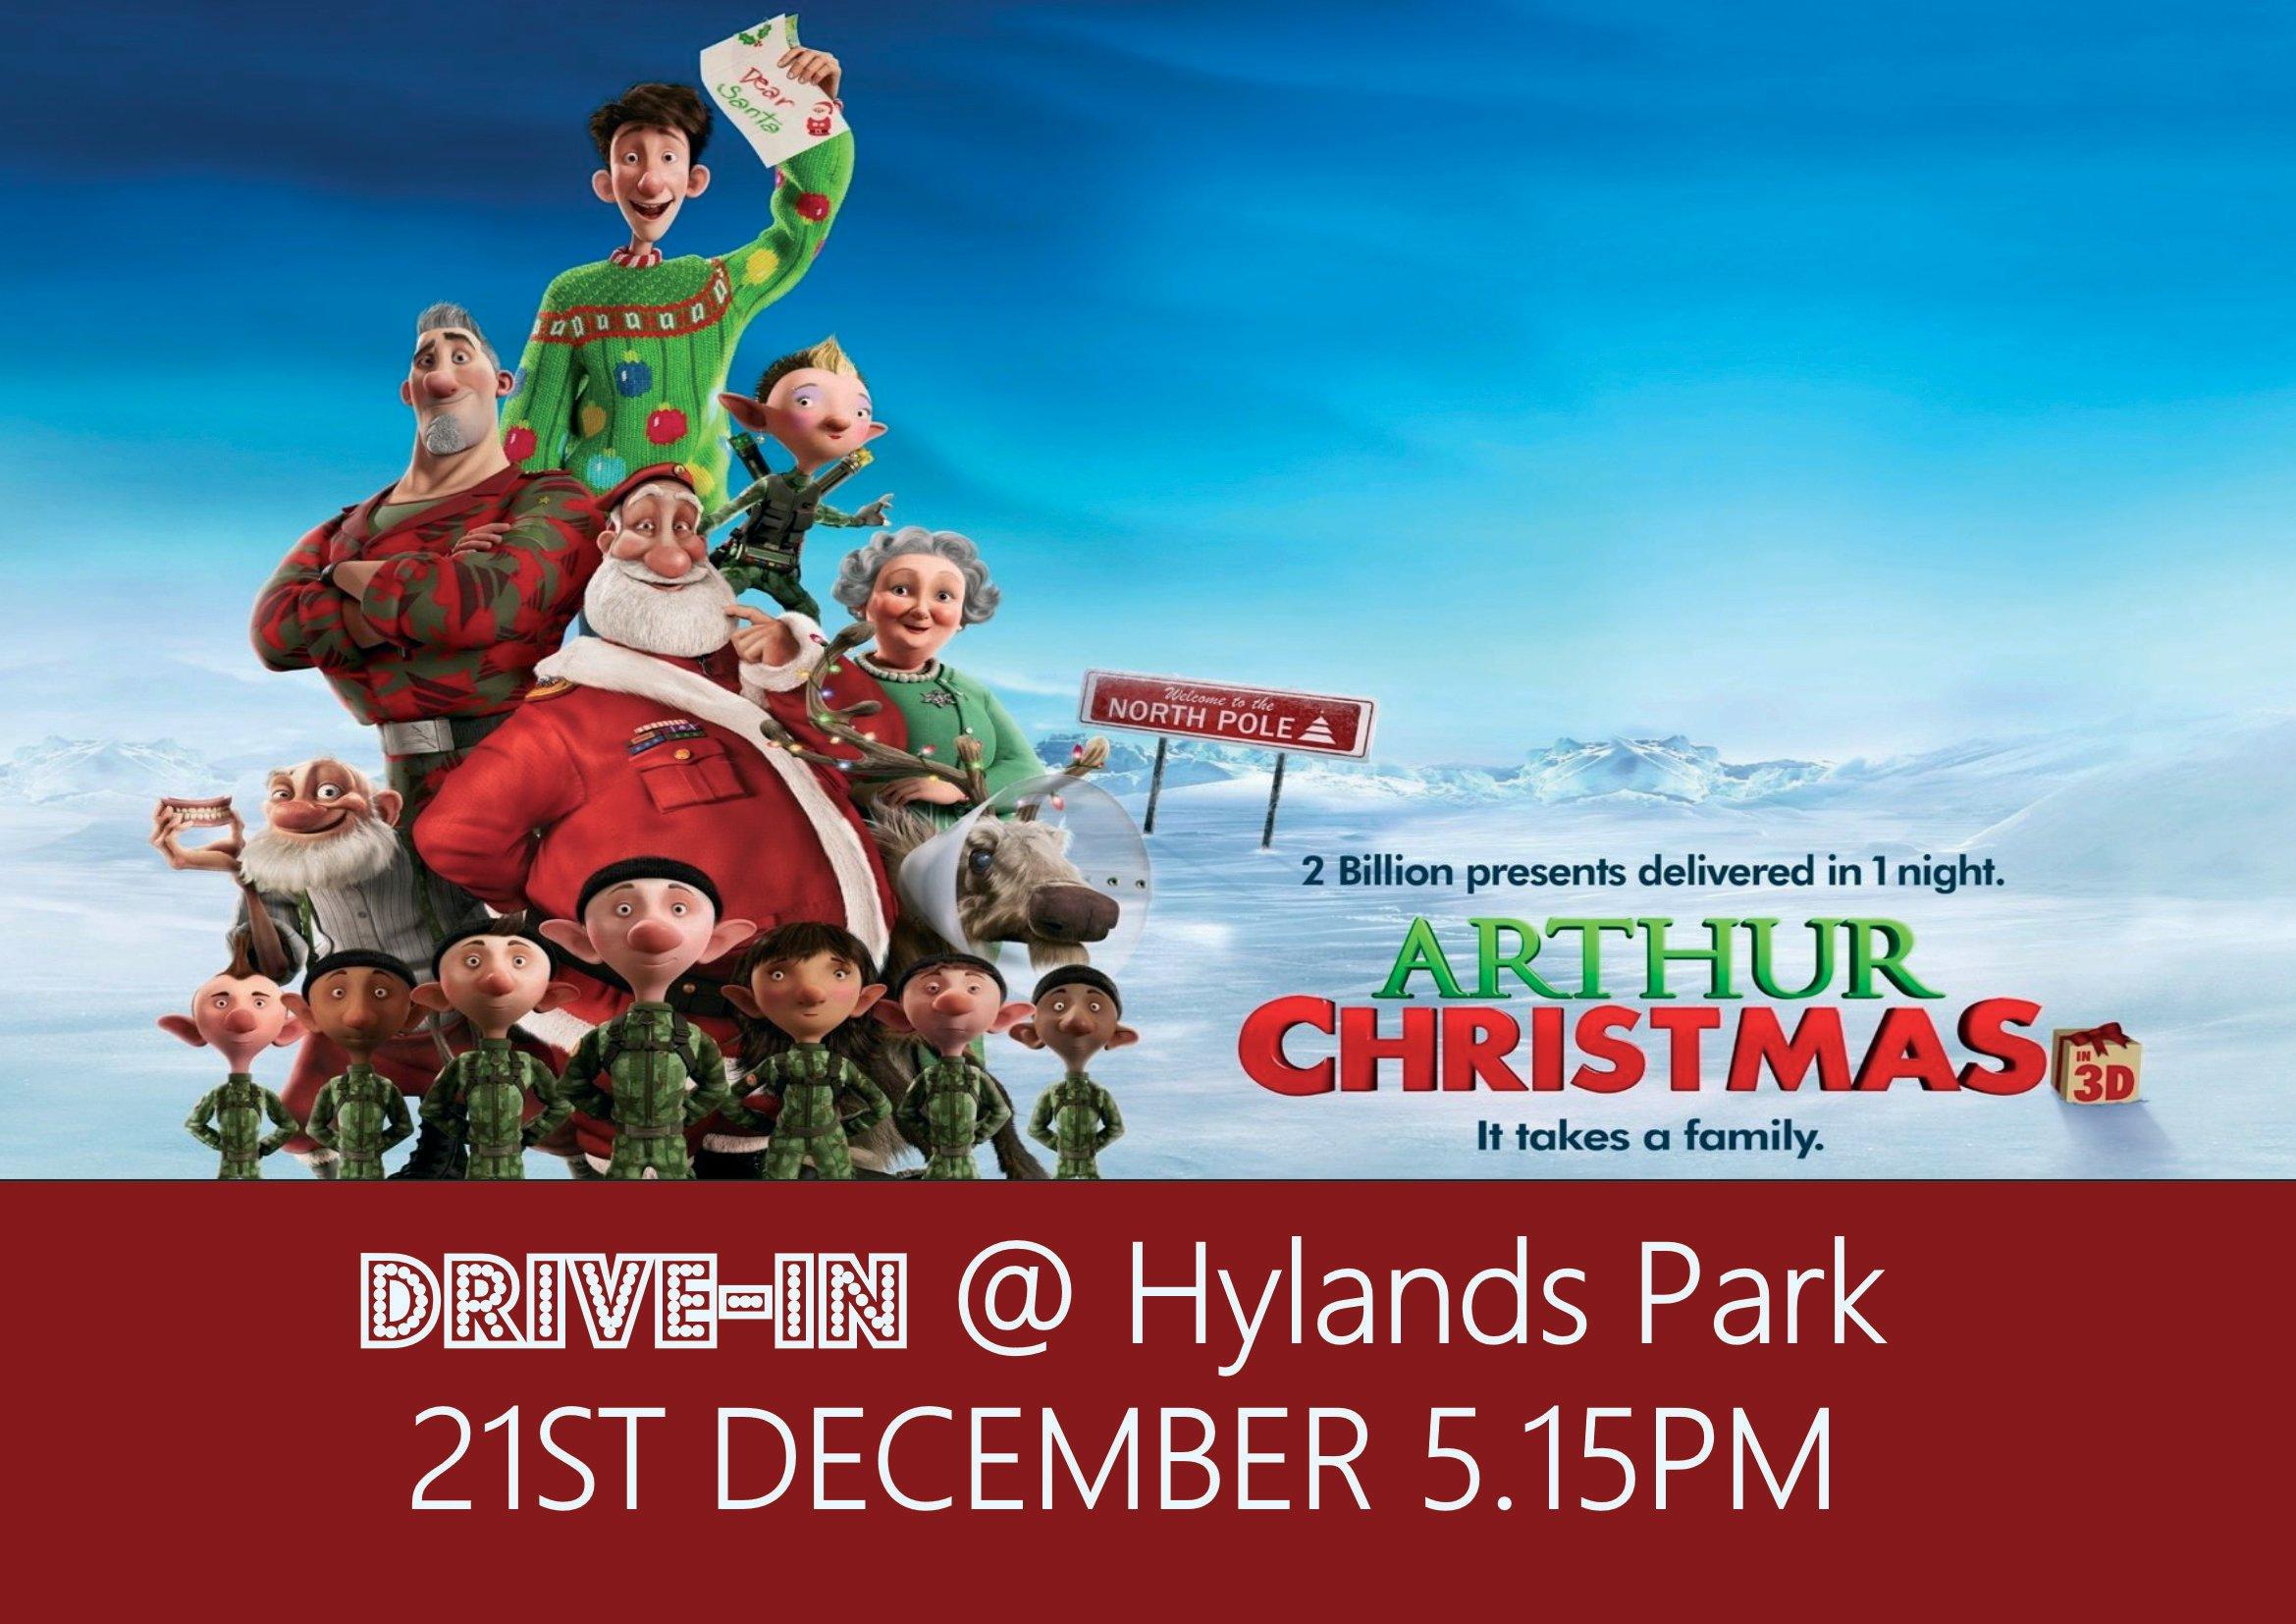 Arthur Christmas Drive In Hylands Park 21st Dec 00044